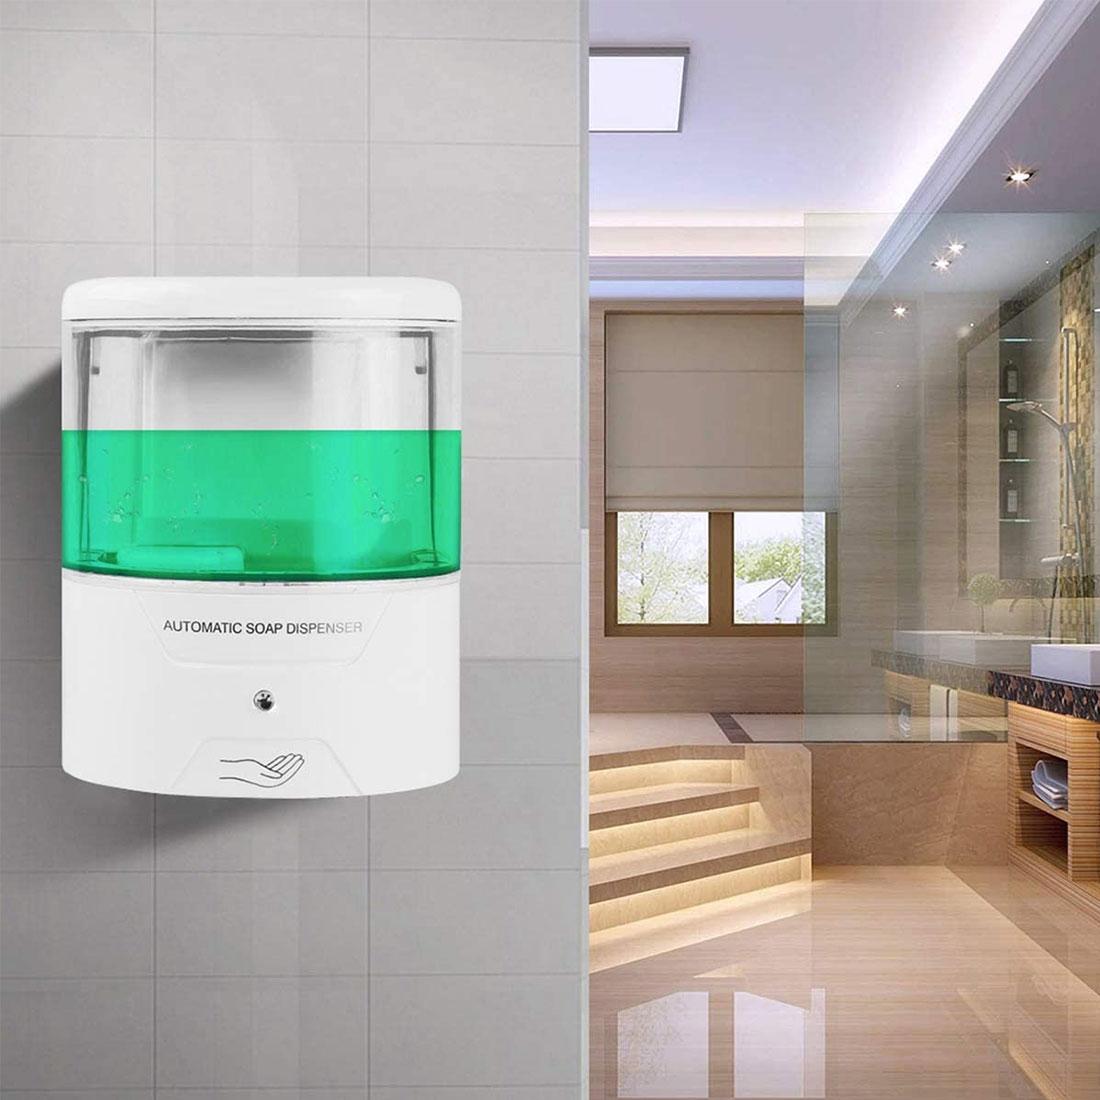 Белый 600мл настенный инфракрасный индукции умный жидкое мыло дозатор Автоматический дозатор мыла для кухни ванная комната